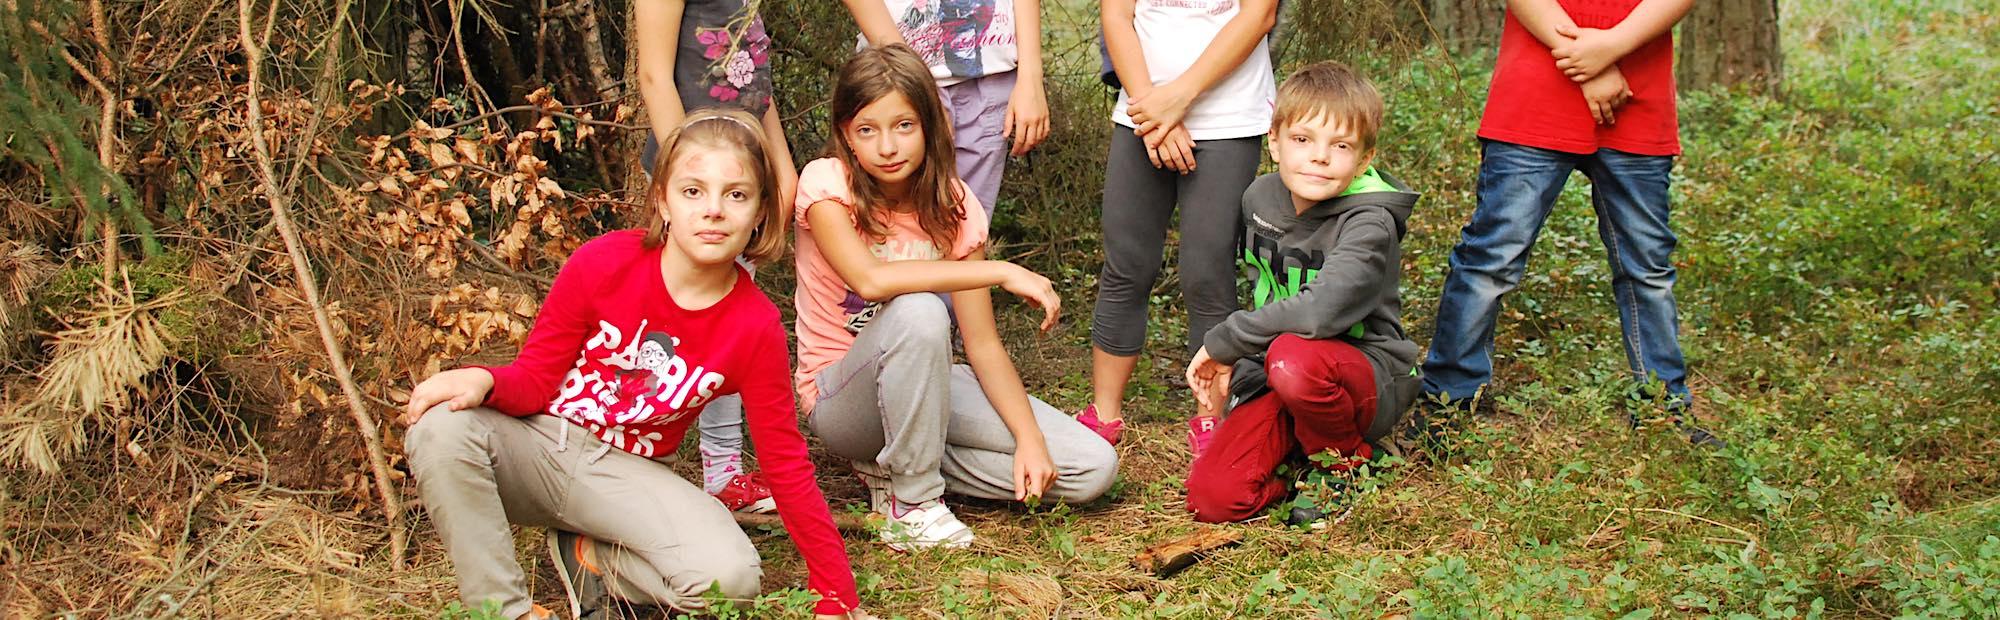 Obóz przygodowy dla dzieci